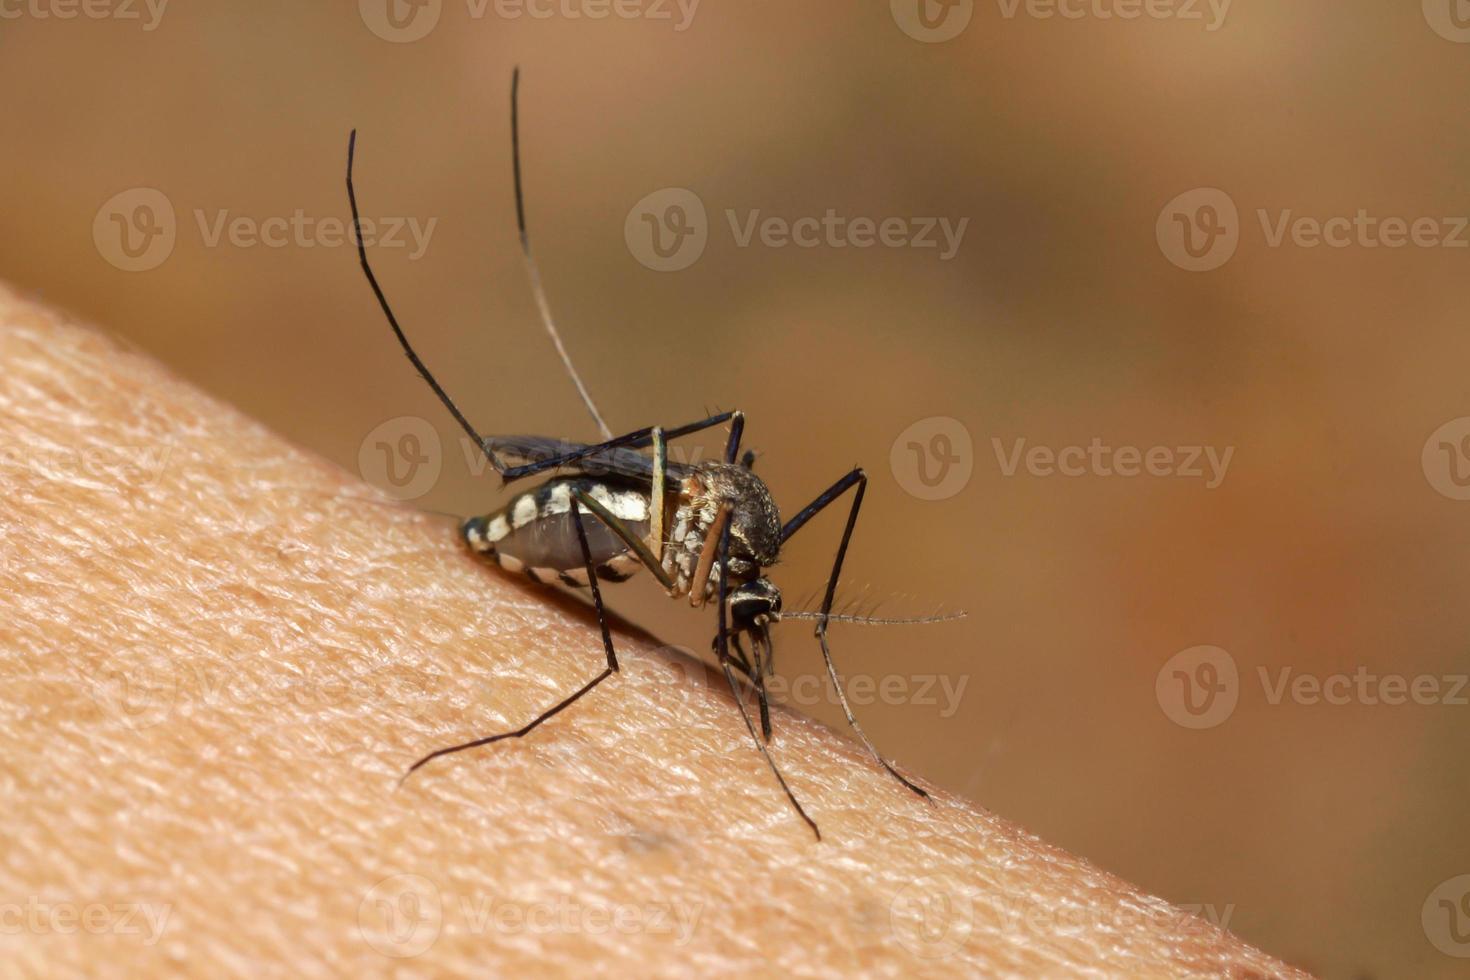 mosquito sugando sangue humano na macro extrema foto